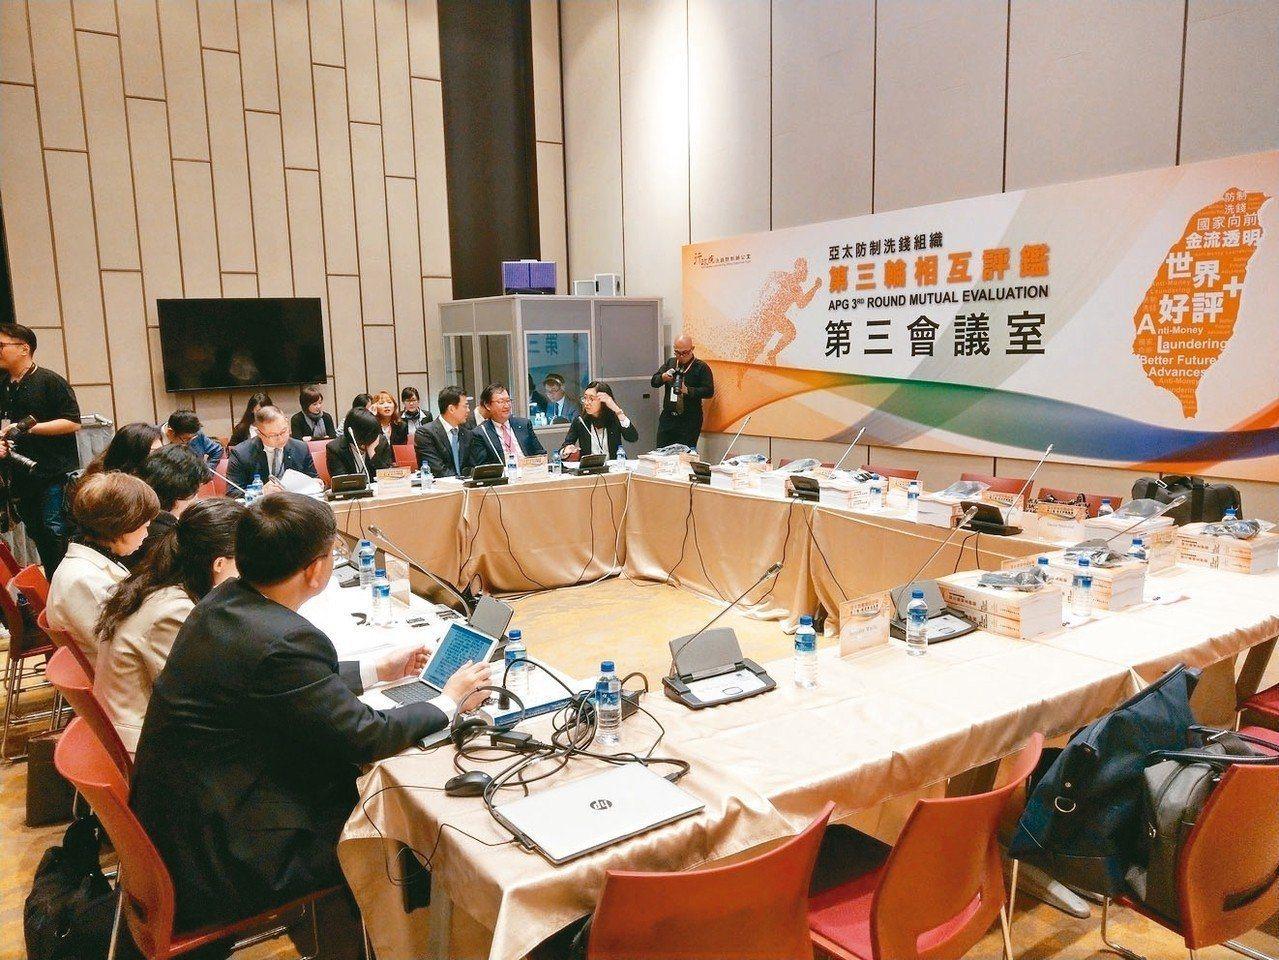 亞太防制洗錢組織針對台灣的第3輪相互評鑑昨天正式展開。記者鄭超文/攝影